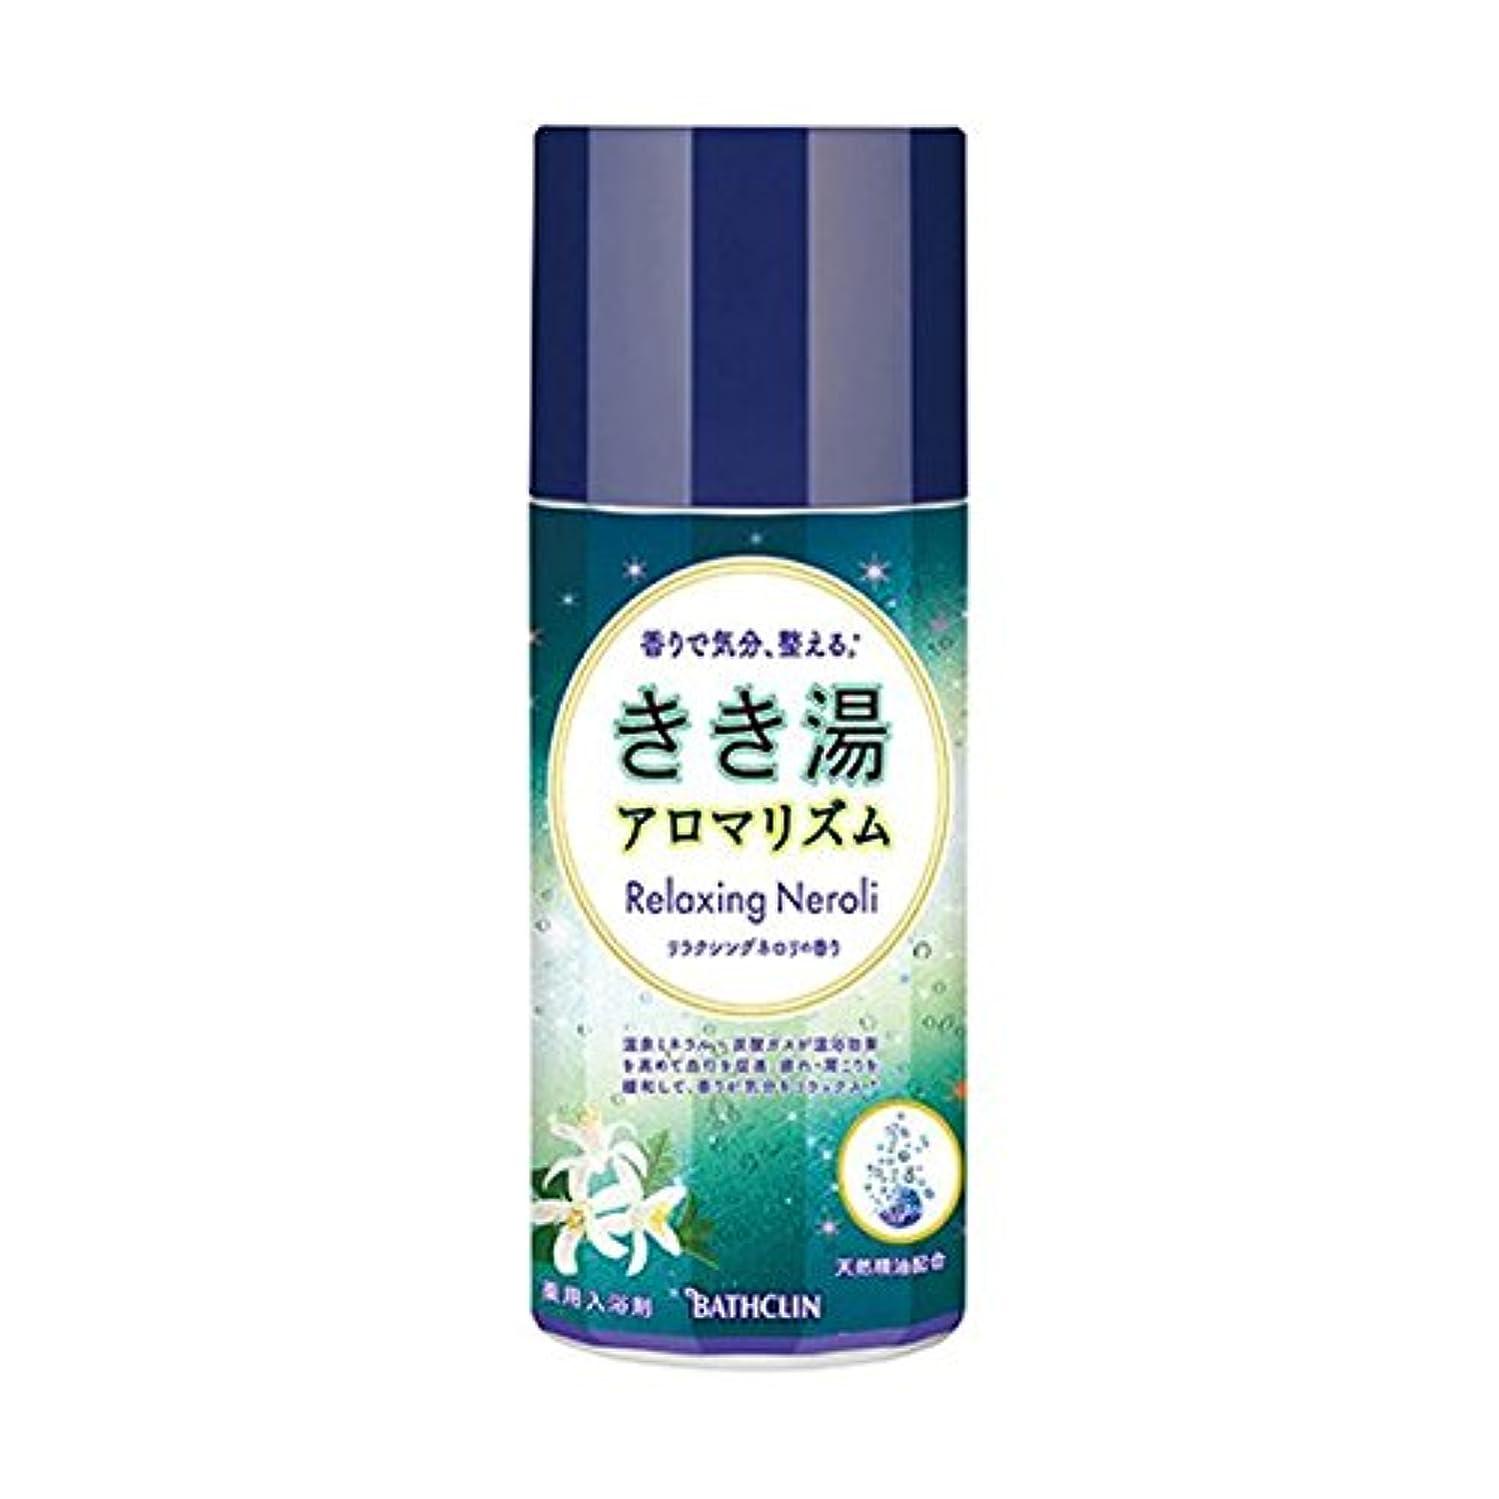 中断アリス枝きき湯アロマリズム リラクシングネロリの香り 360gx3本 (4548514137585)